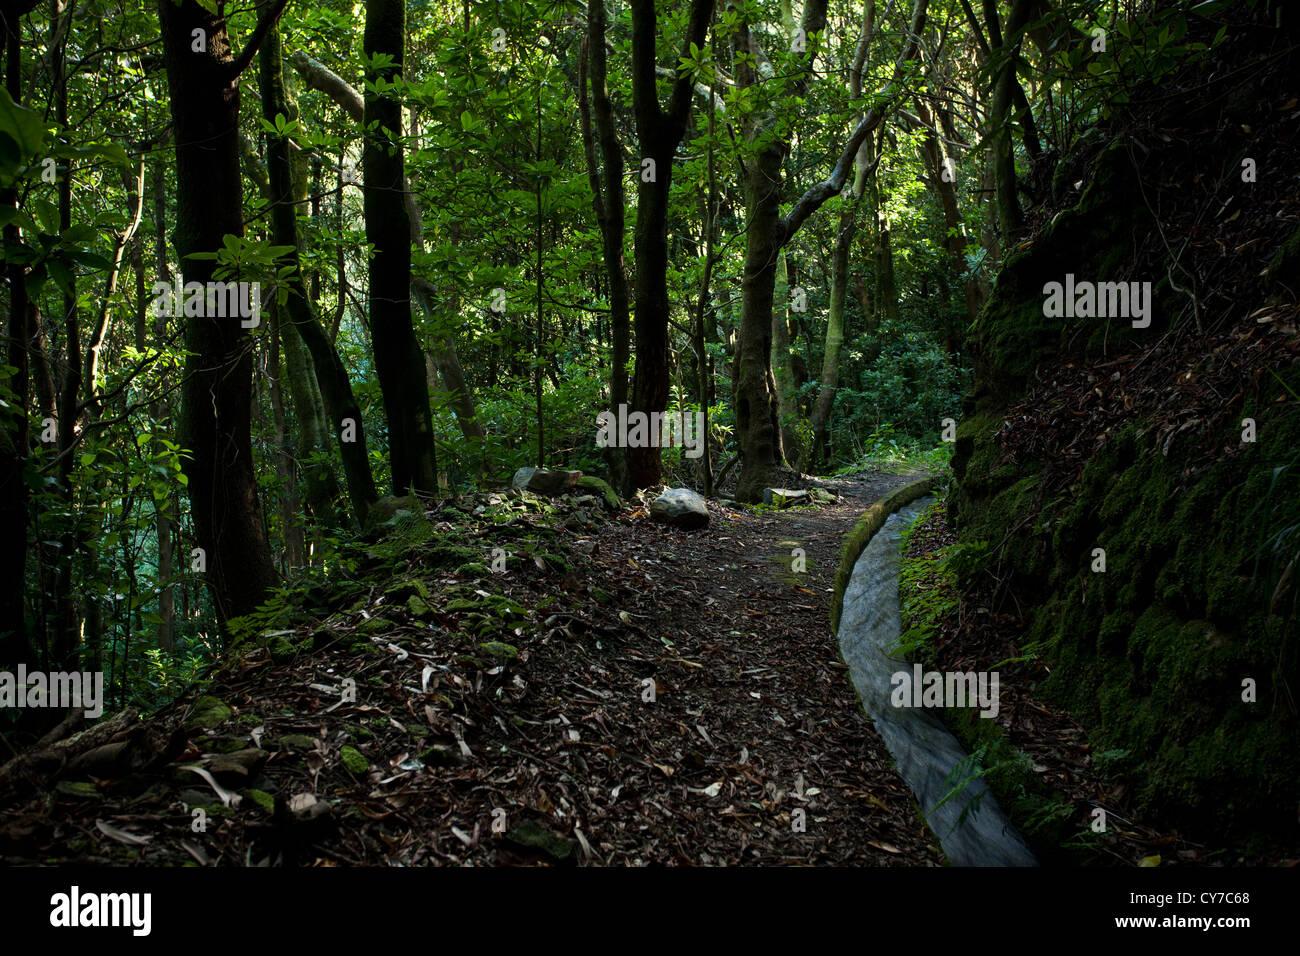 Eine Kurve entlang der Levado Moinho Bewässerungskanal in dichten Lorbeerwald. Stockbild